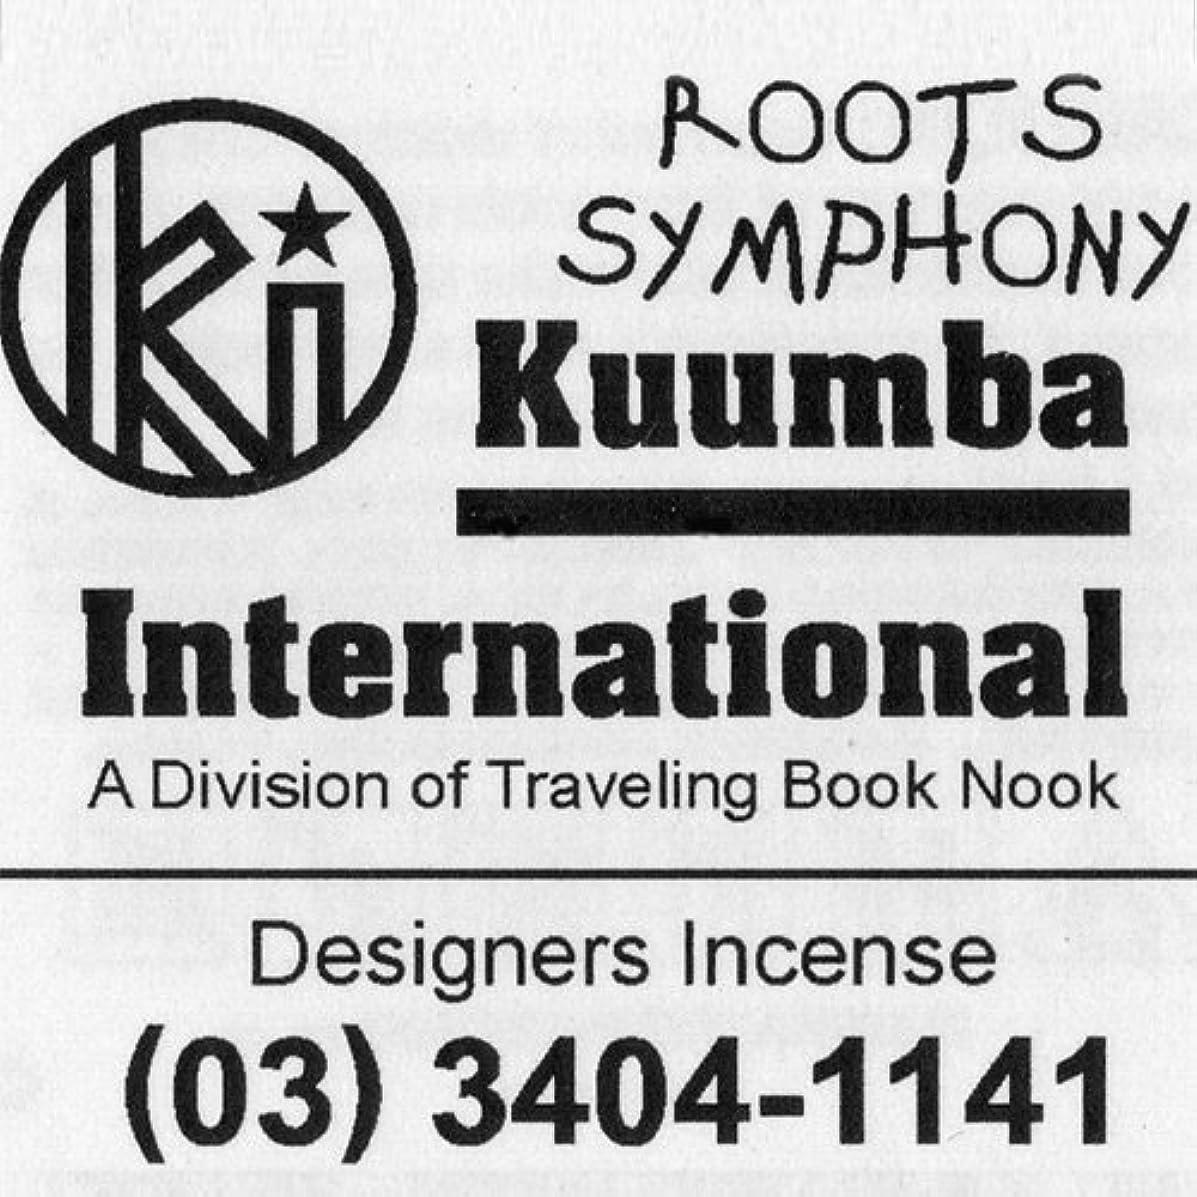 むさぼり食う水っぽいジェスチャーKUUMBA / クンバ『incense』(ROOTS SYMPHONY) (Regular size)